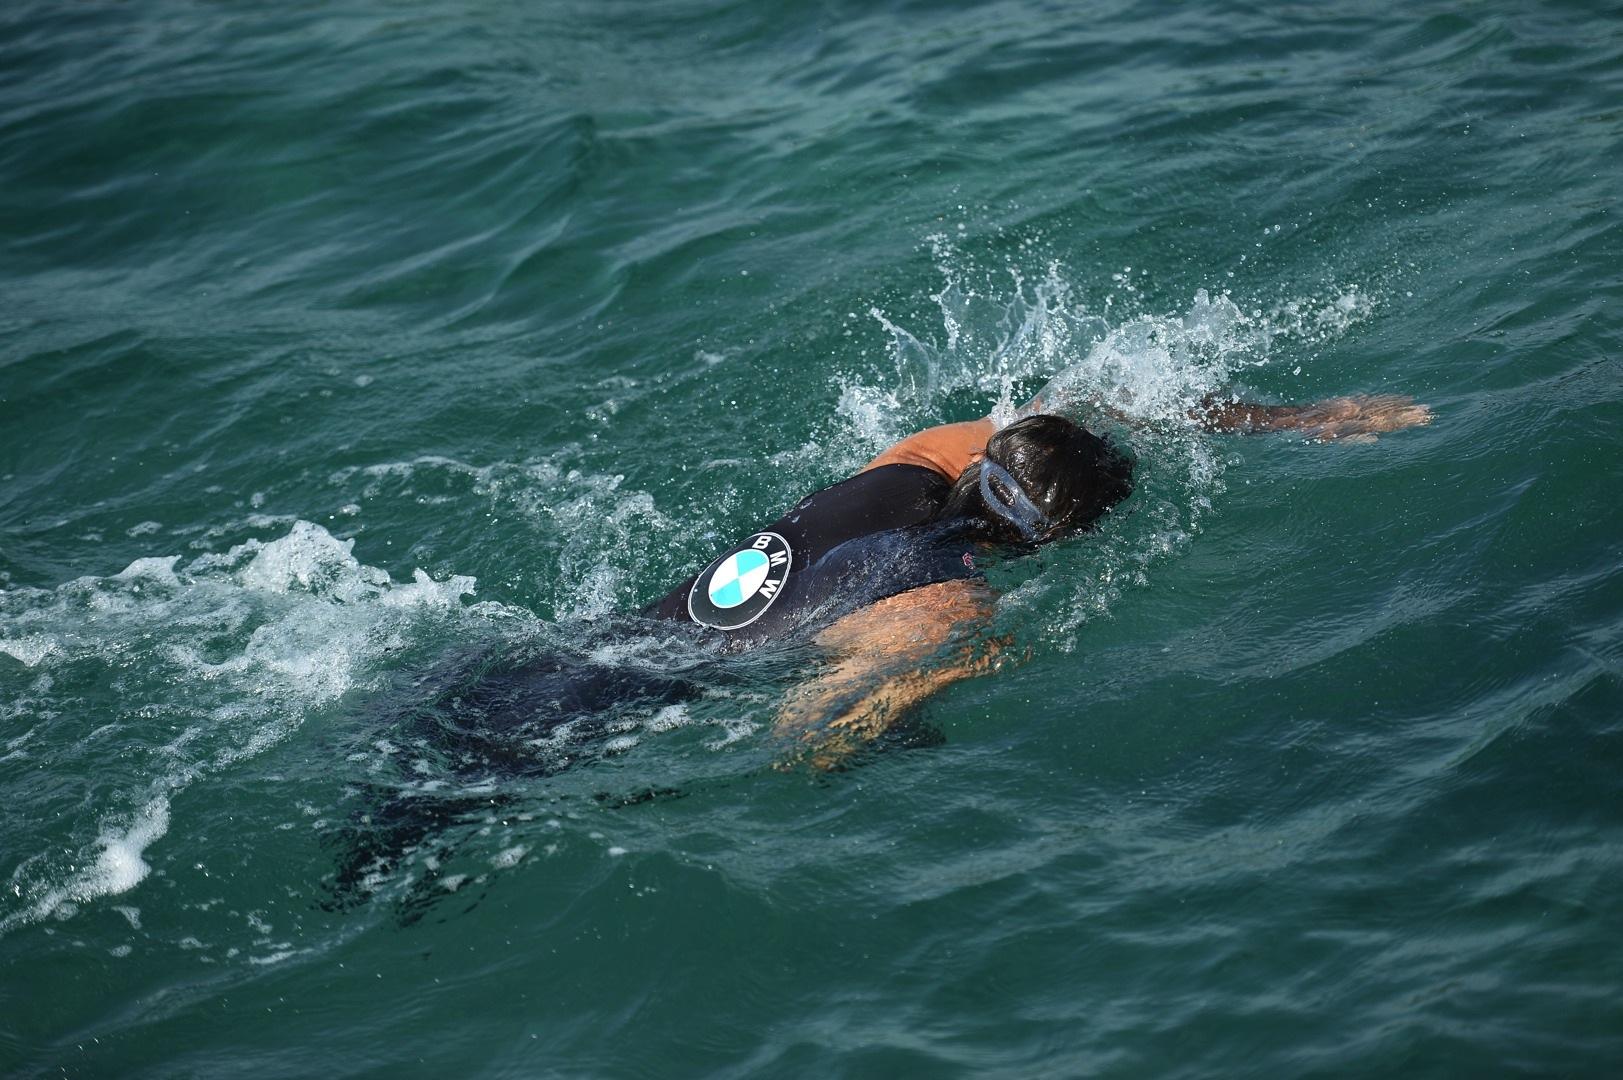 Tragedia durante la gara di nuoto: malore improvviso uccide un 54enne